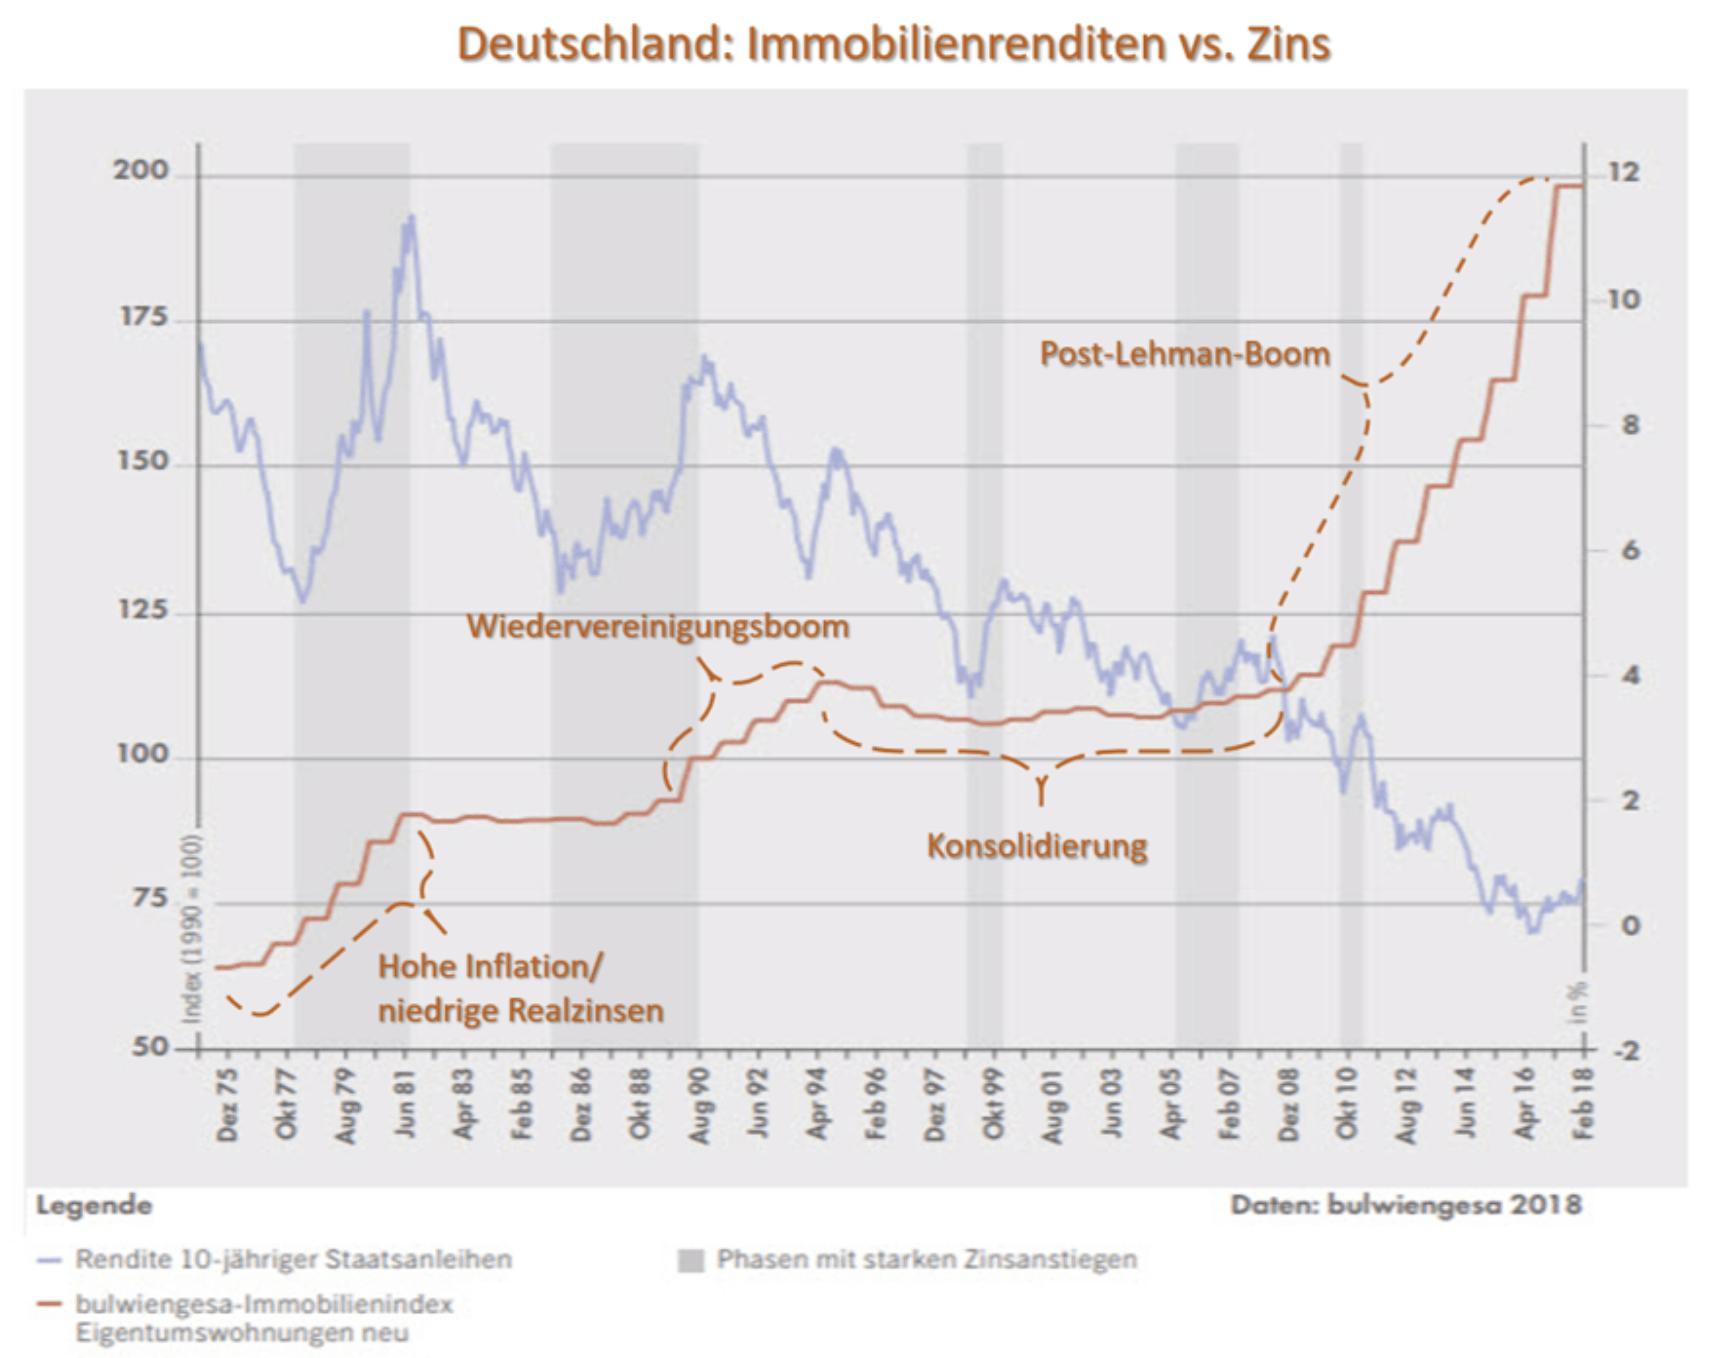 Immobilien Renditen vs Zins